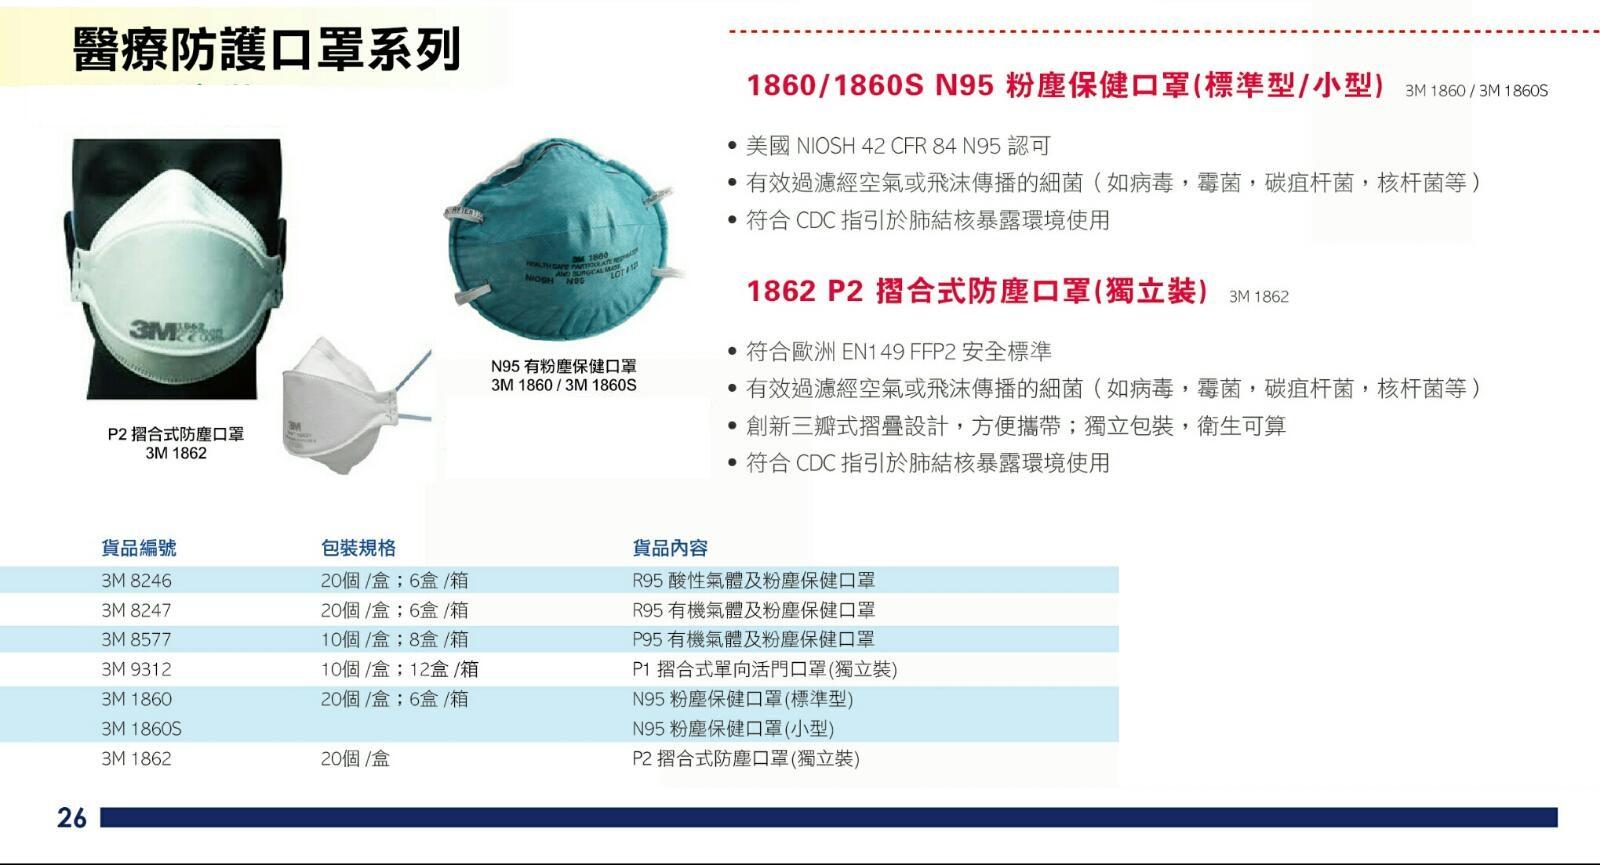 3m 1862 mask